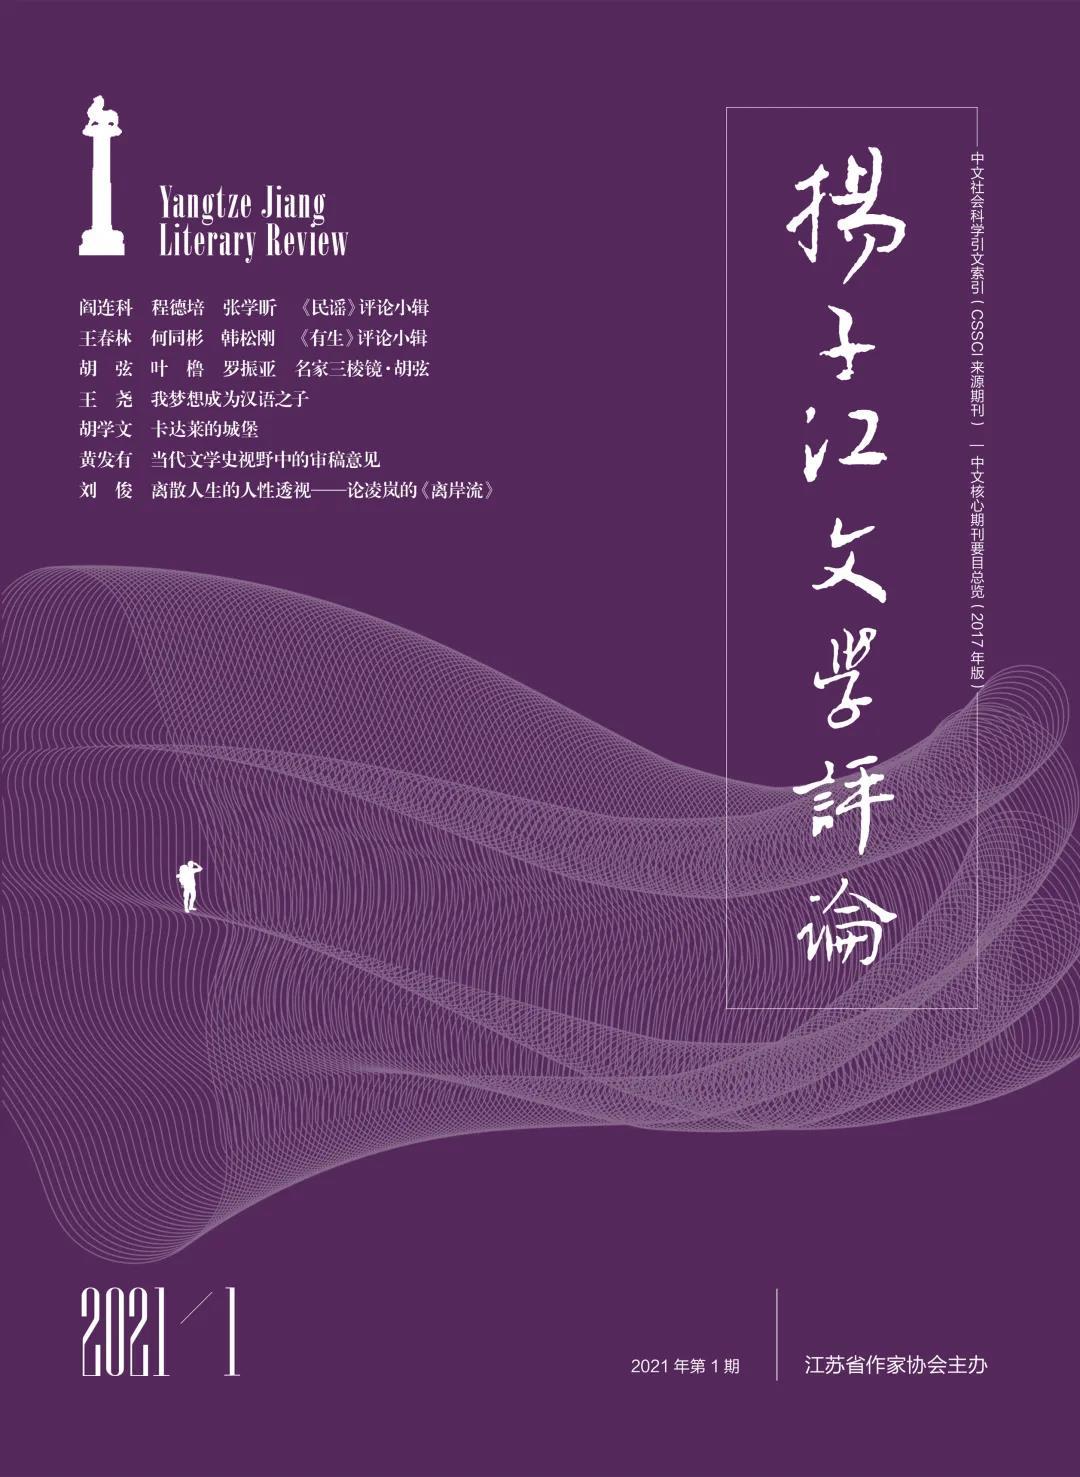 《扬子江文学评论》2021年第1期